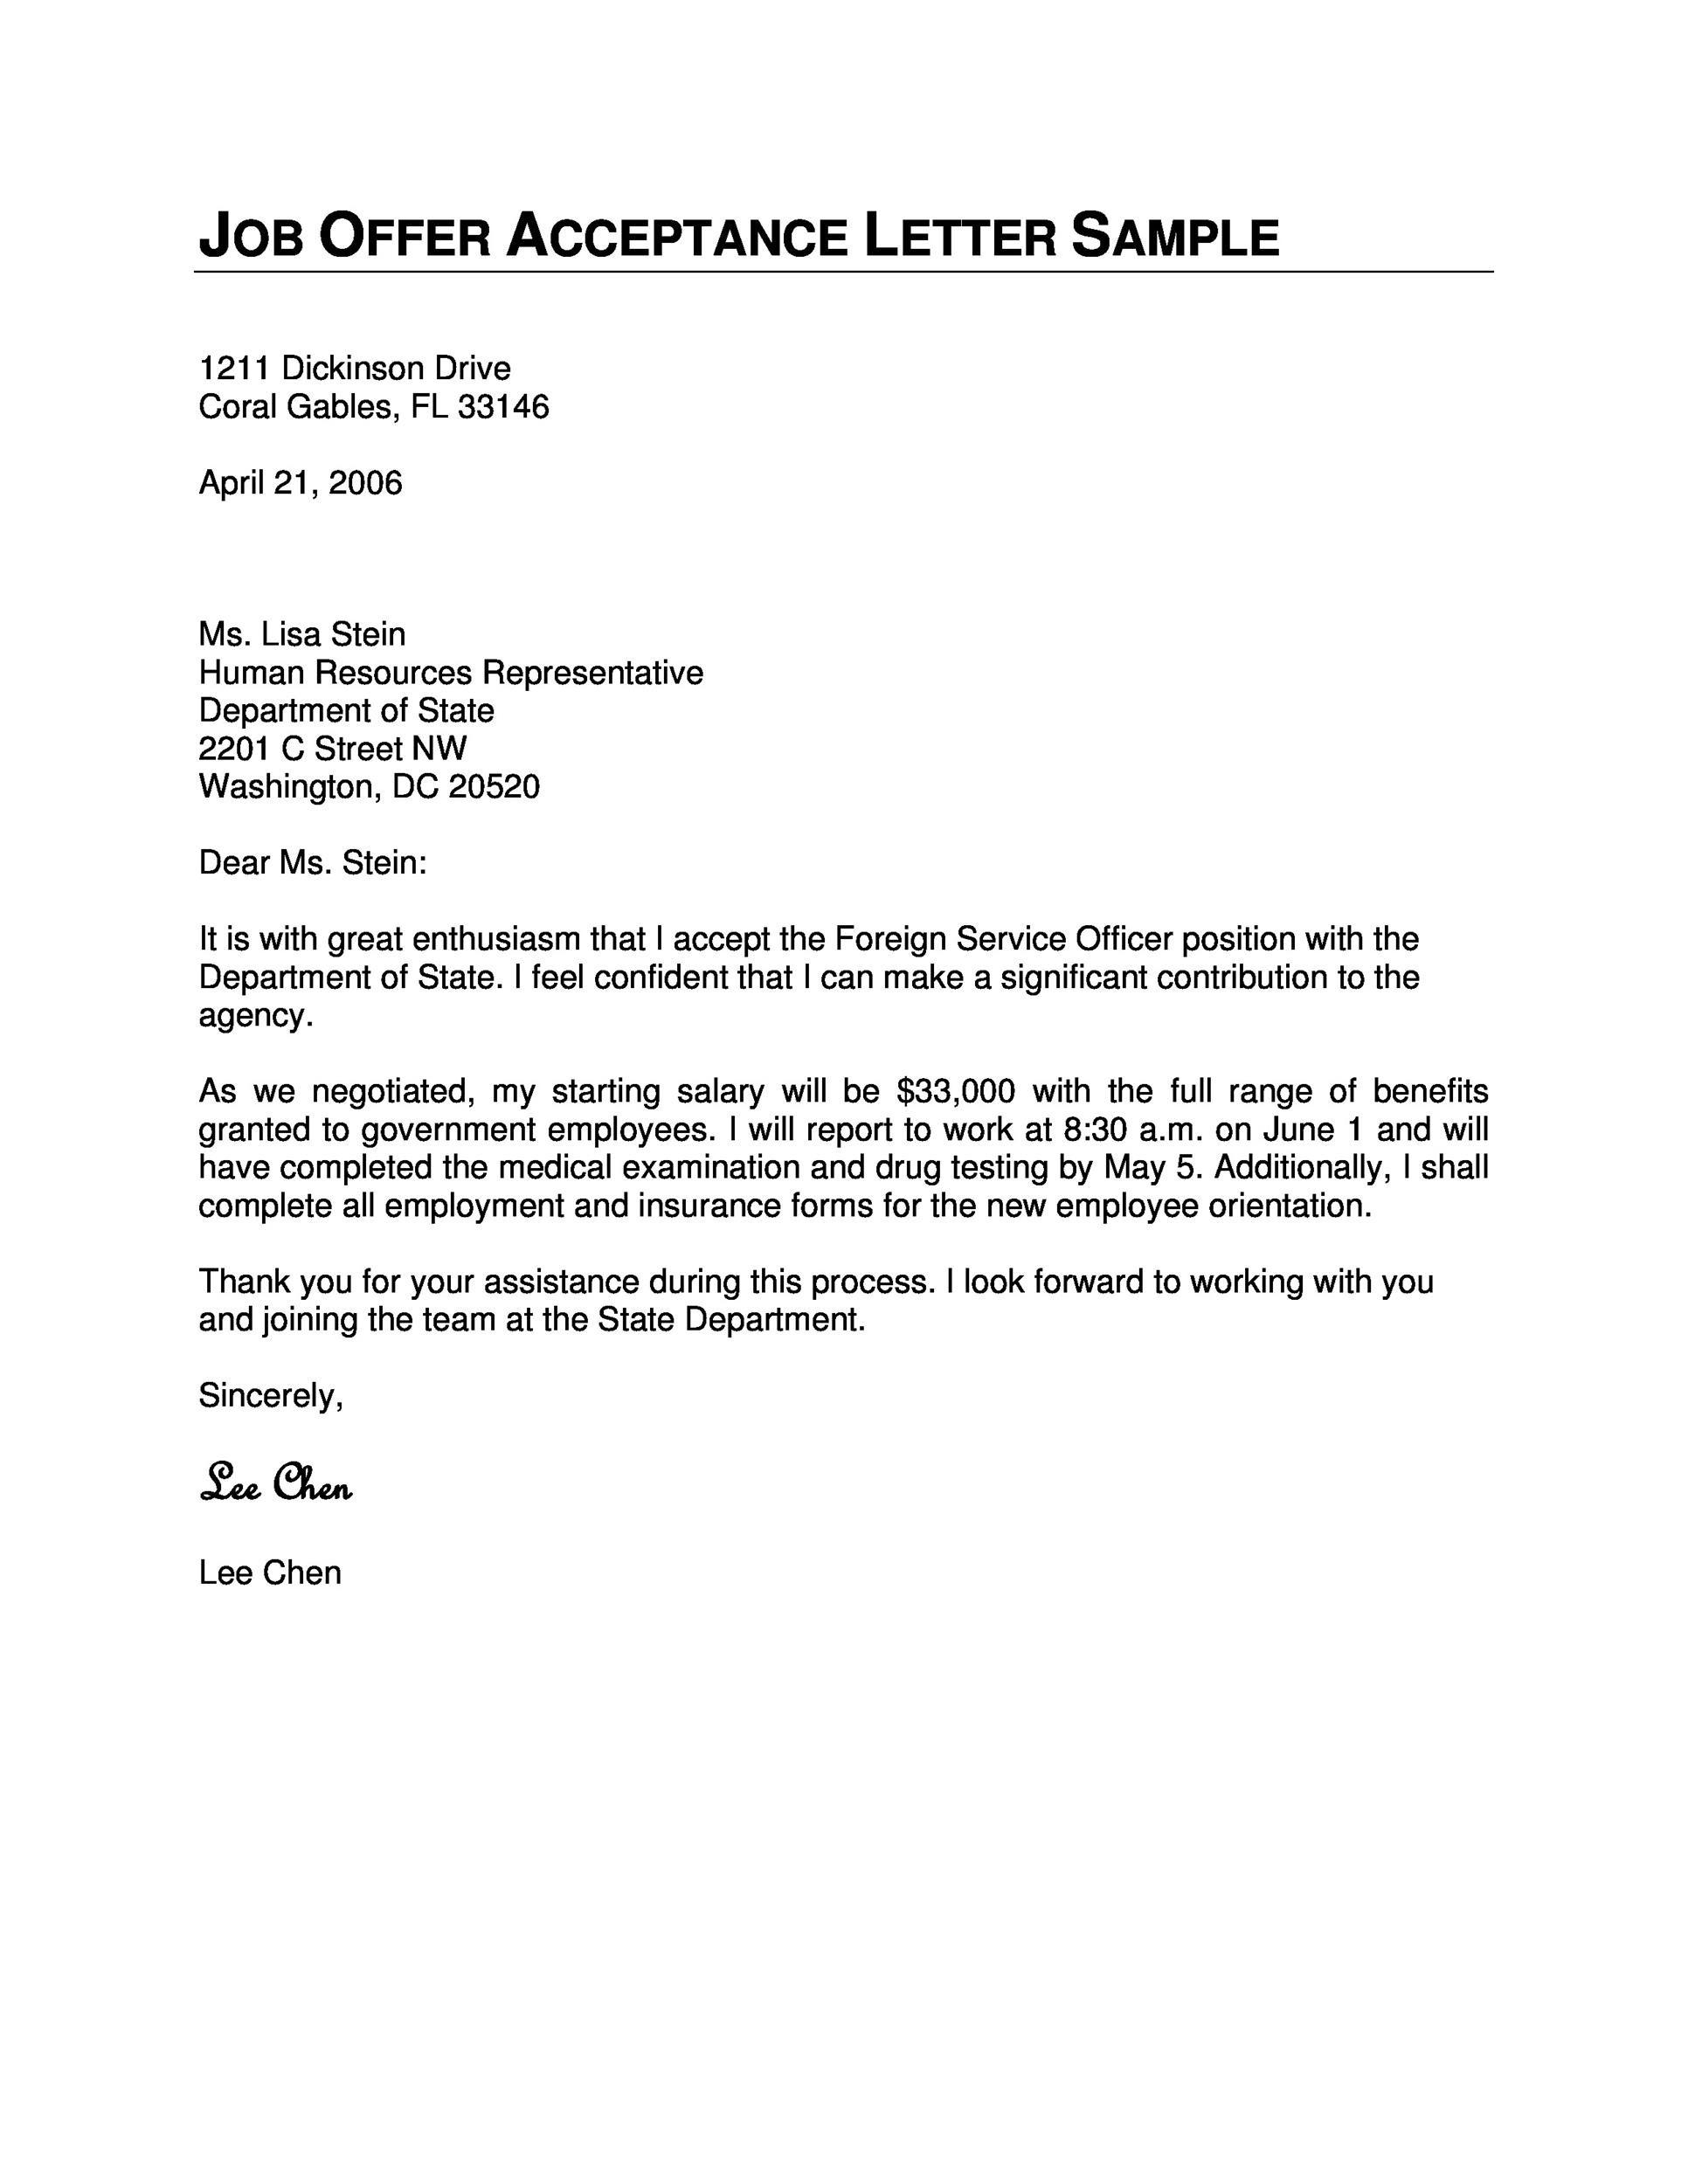 doctor referral thank you letter sample cover letter - Resume Divorce Letter Format